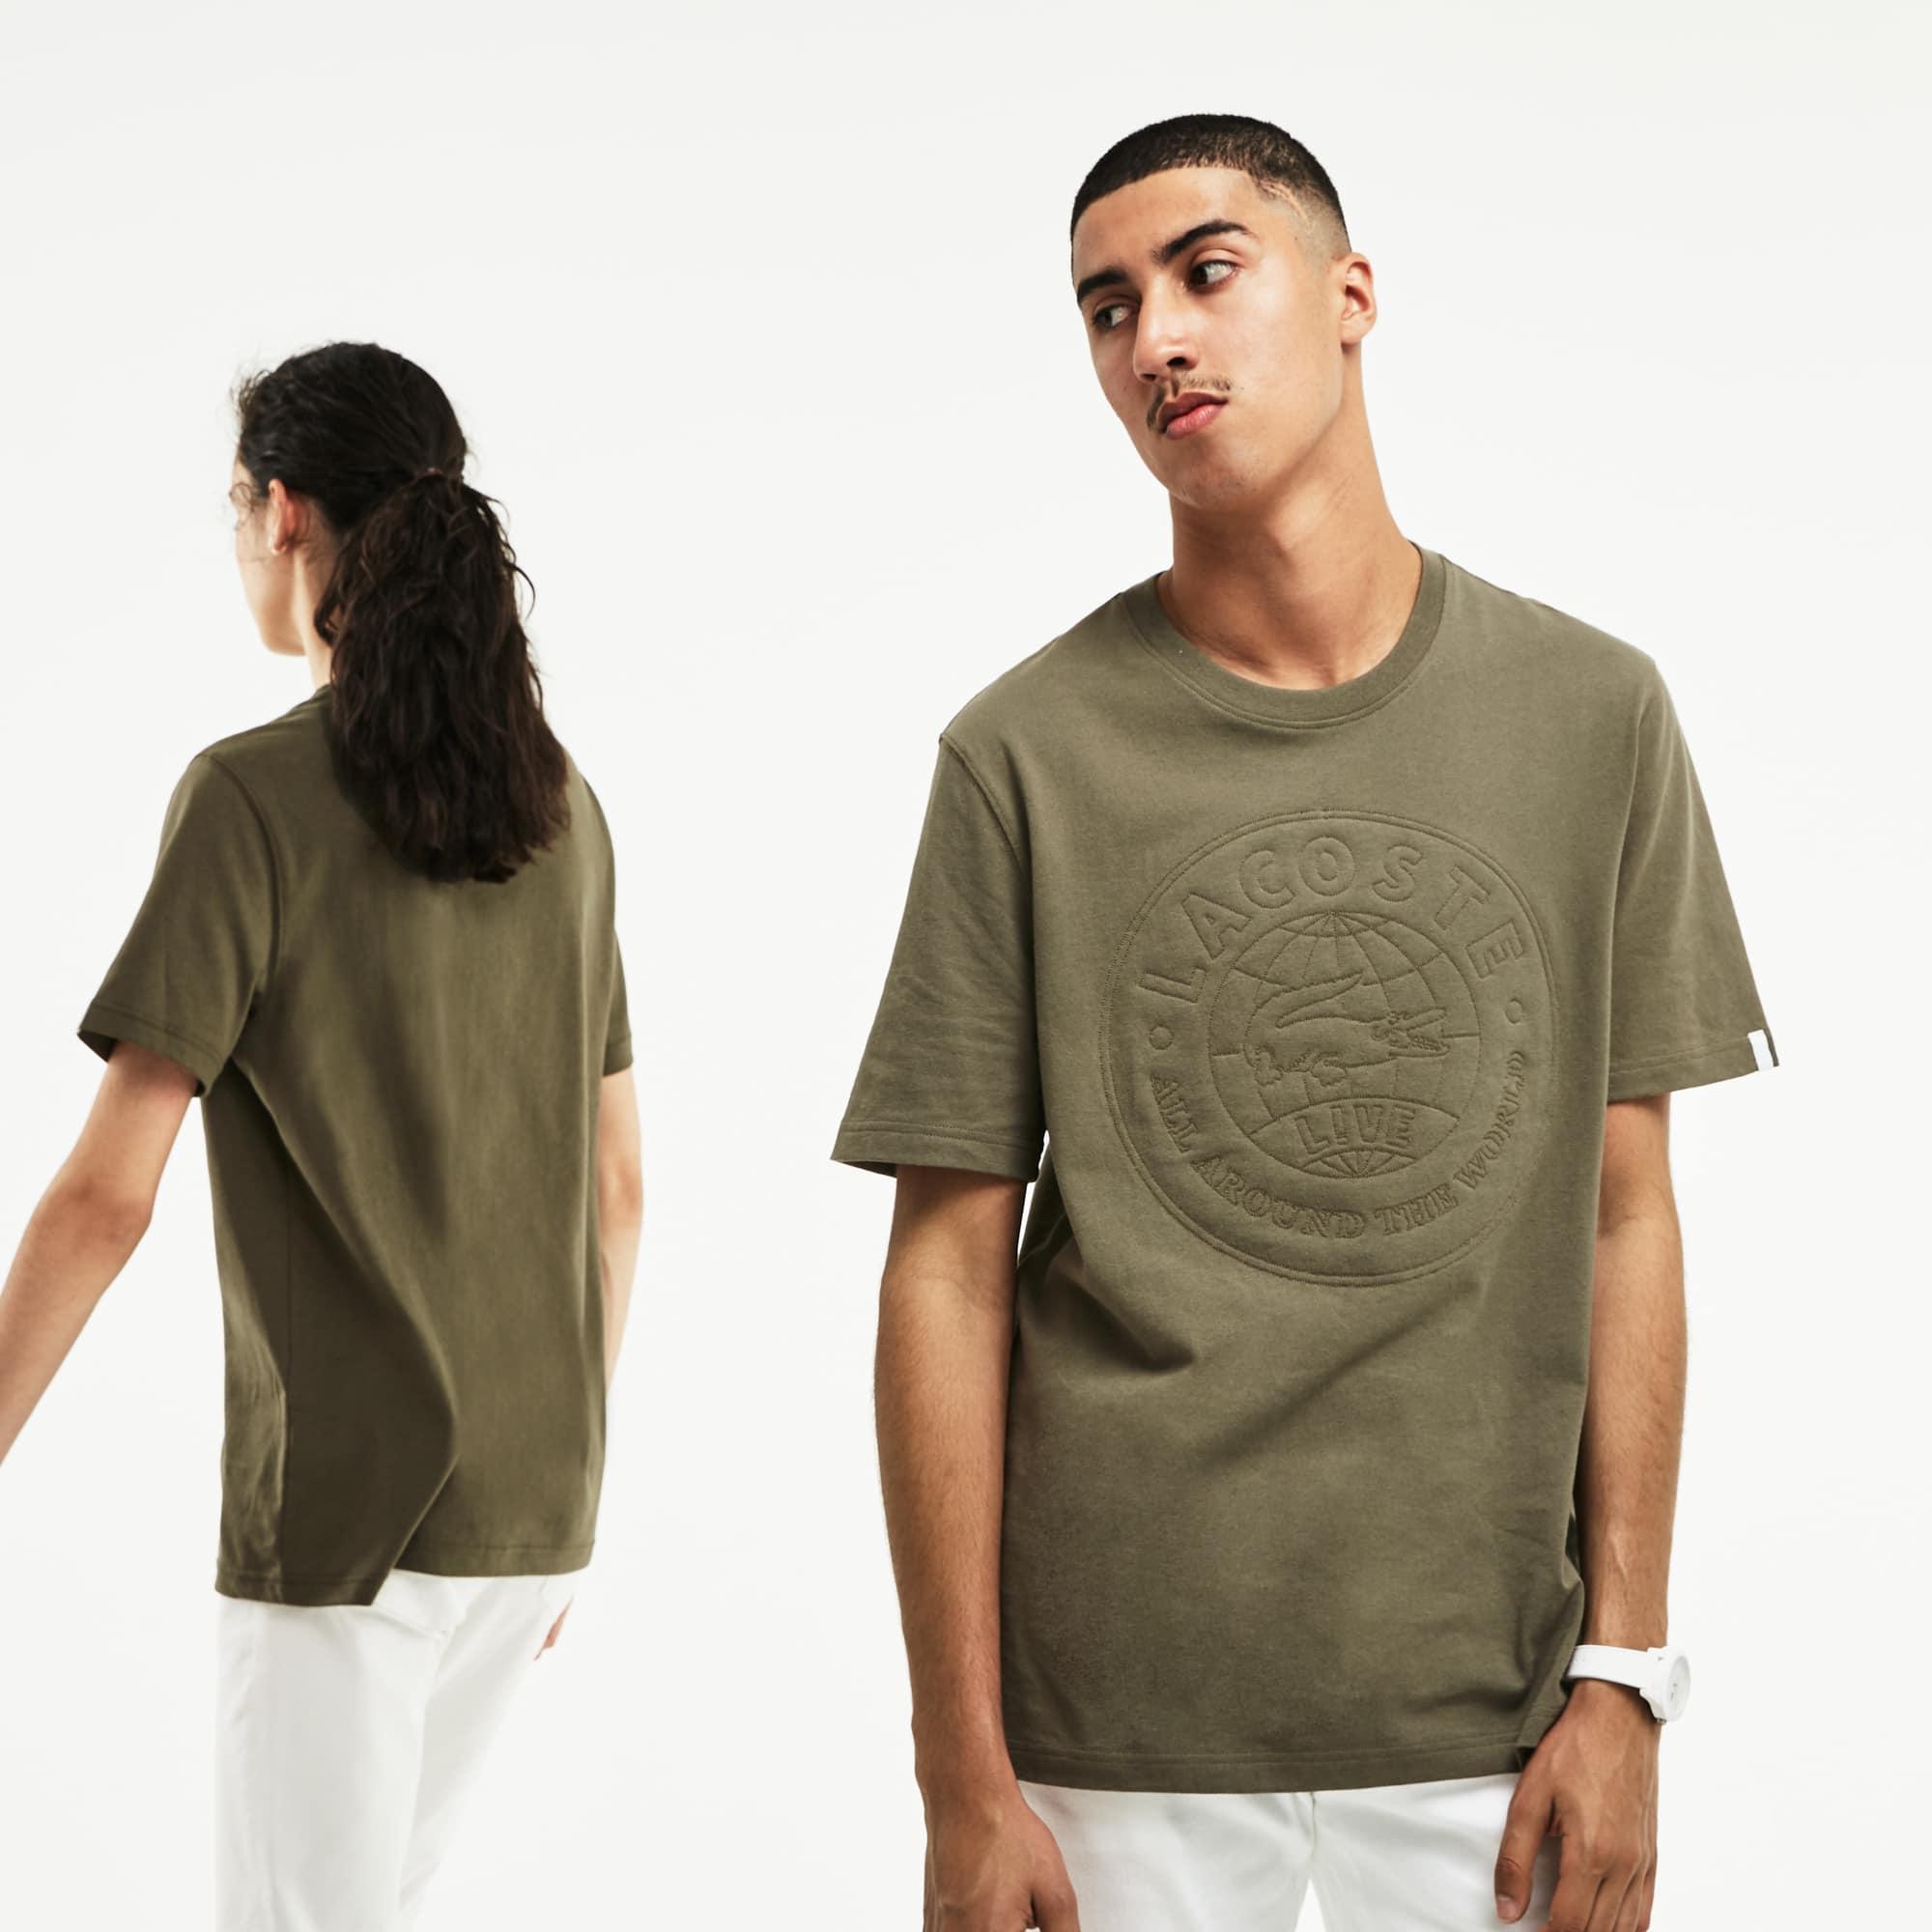 Unisex-Rundhals-T-Shirt aus Jersey mit Aufnäher LACOSTE L!VE